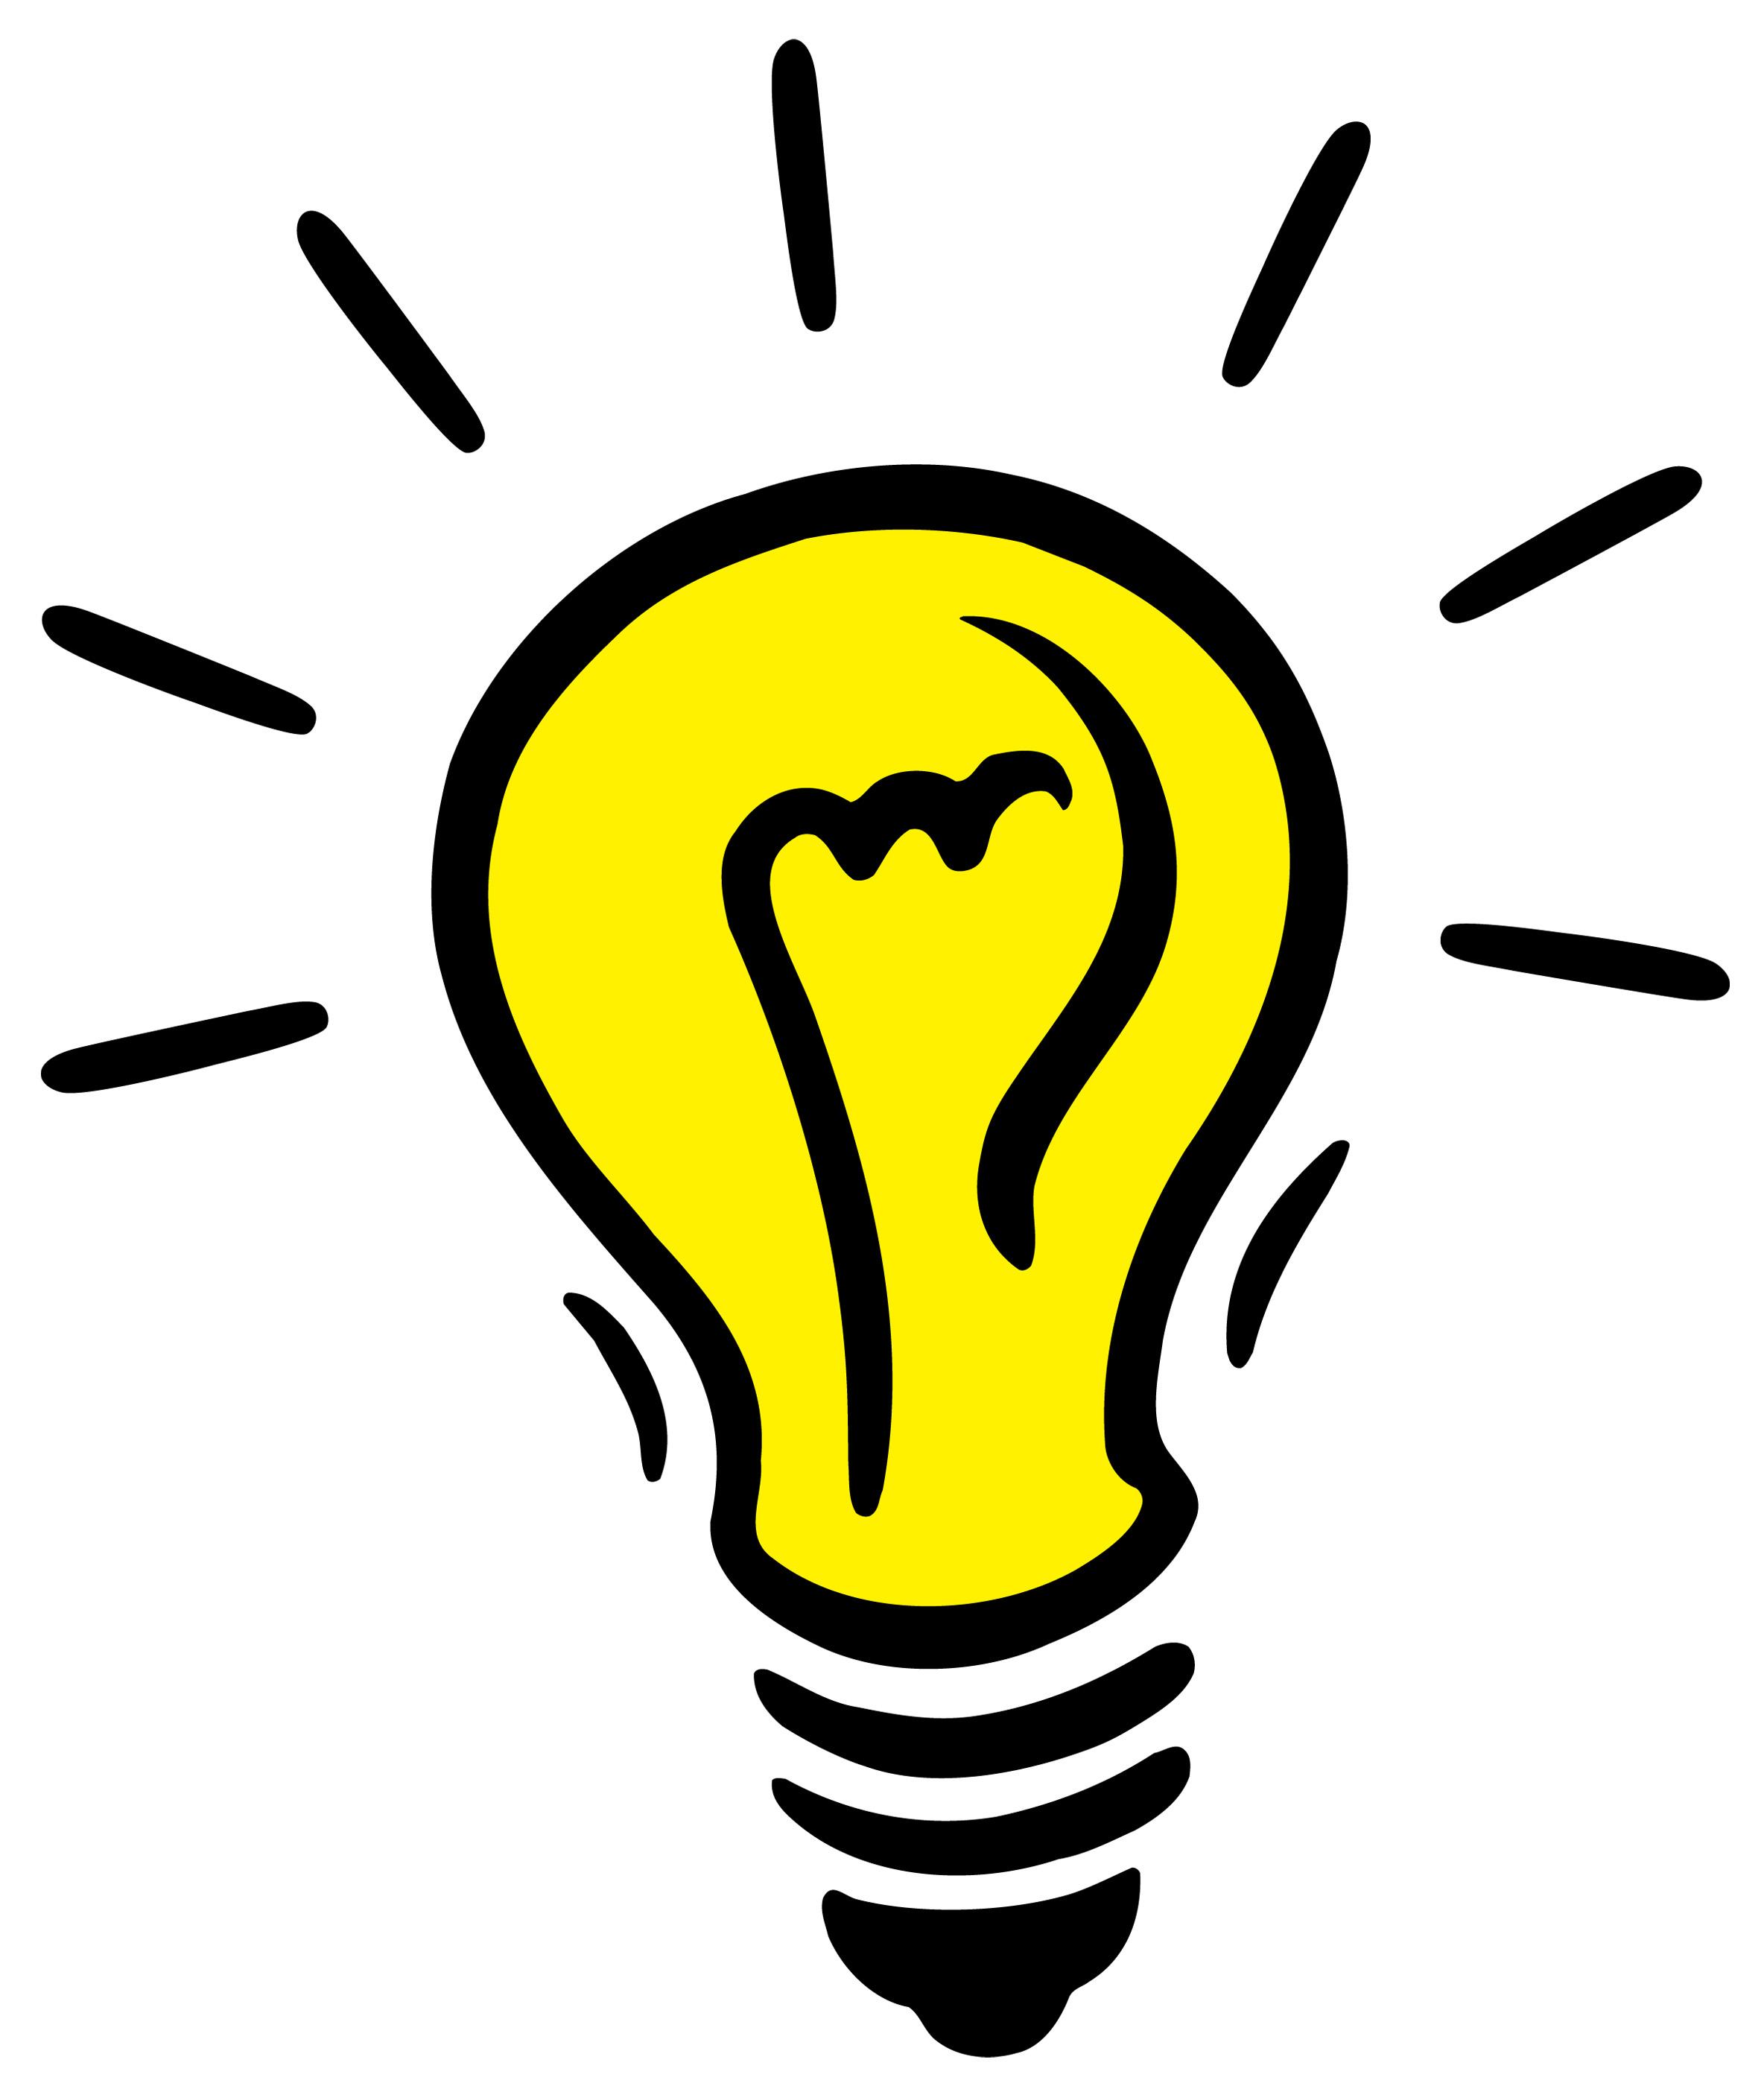 Animated Good Idea Clipart - Clipart Kid